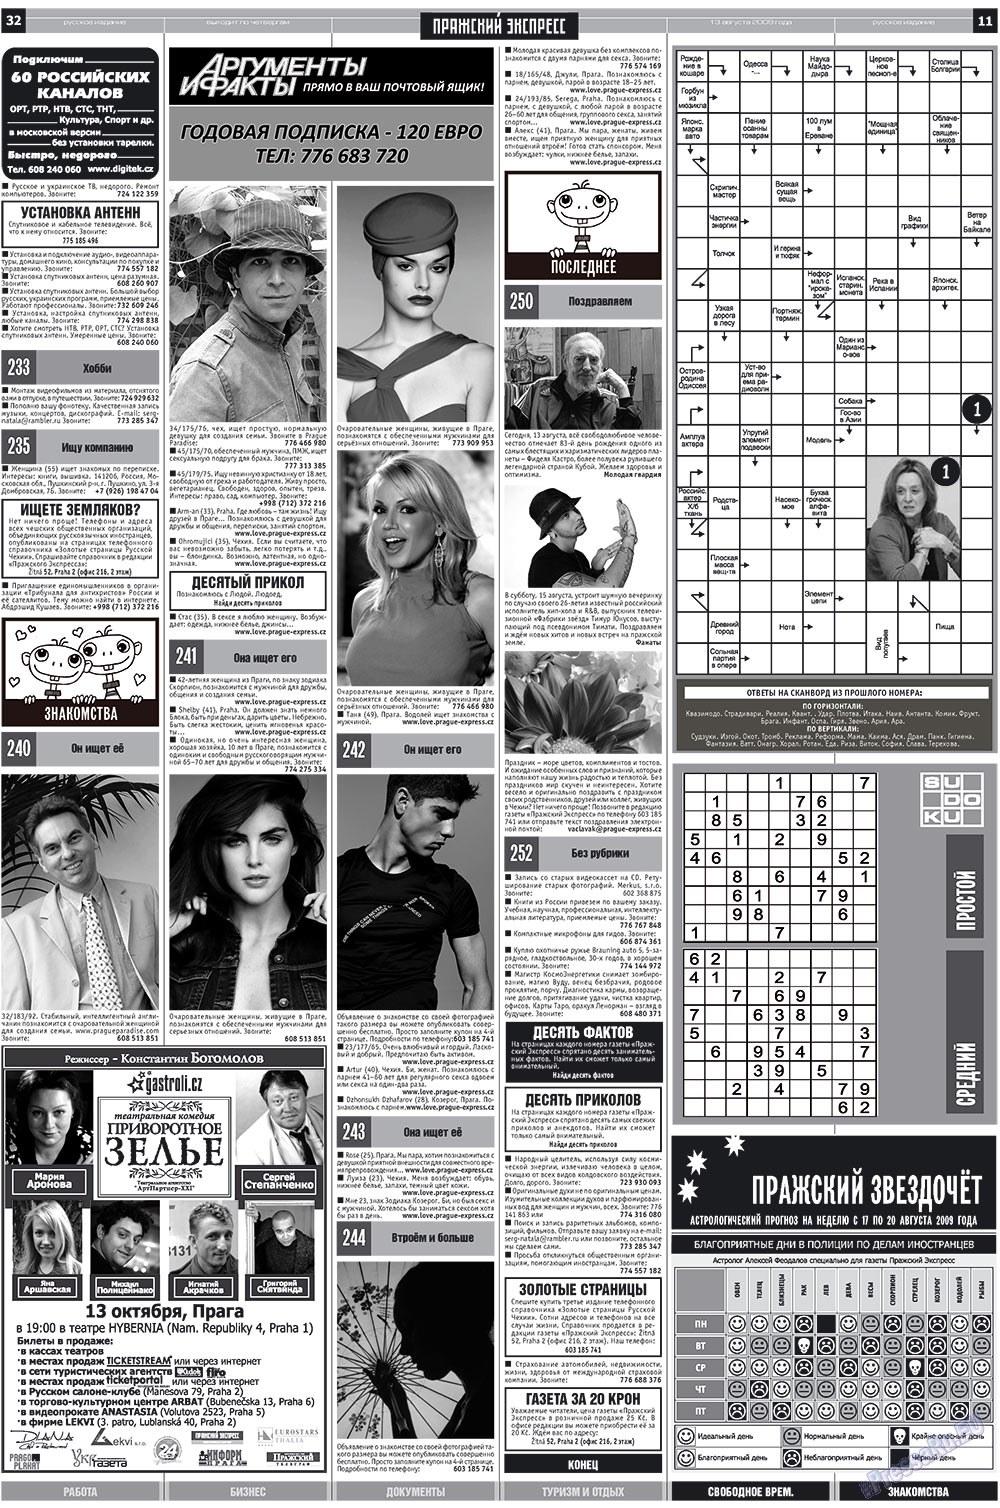 Пражский экспресс (газета). 2009 год, номер 32, стр. 11